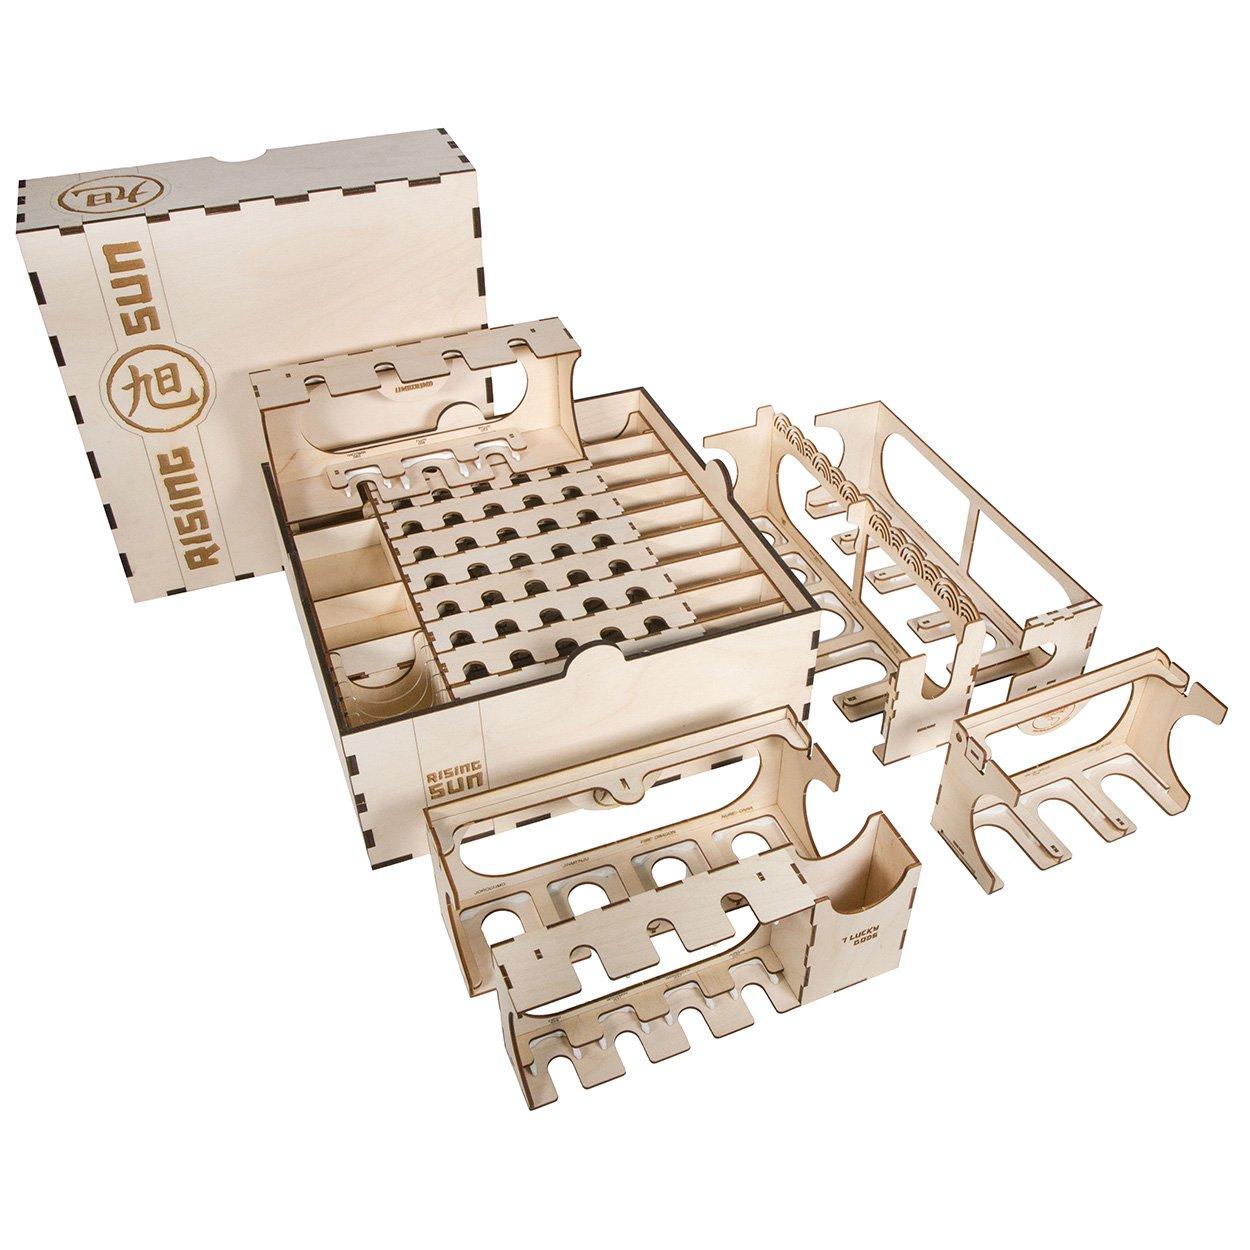 The Broken Token Rising Sun Daimyo Collection Crate and Organizer